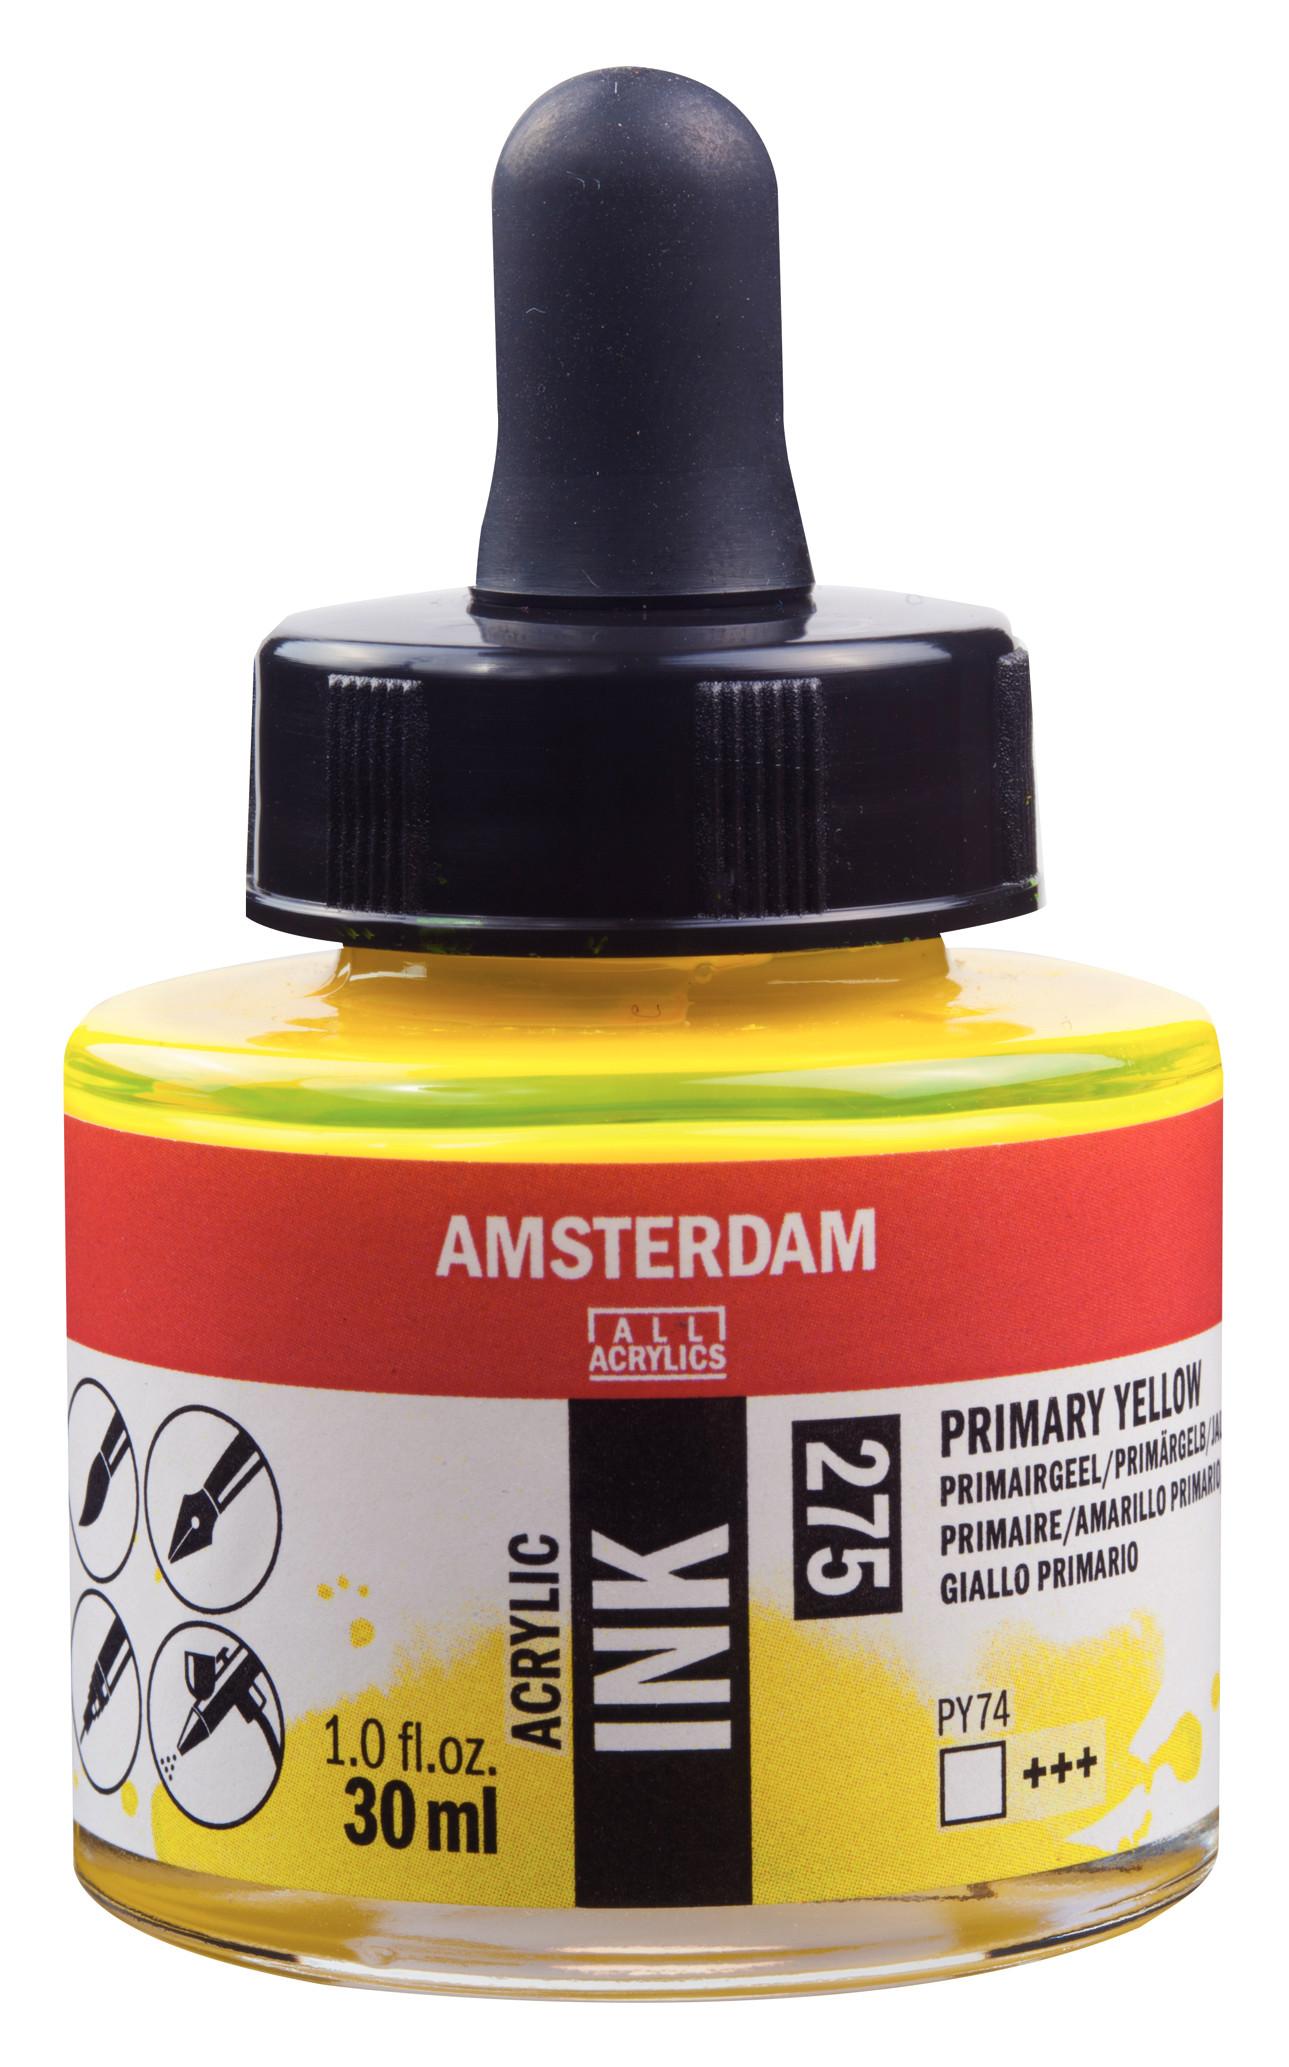 Amsterdam Acrylic Ink Bottle 30 ml Primary Yellow 275